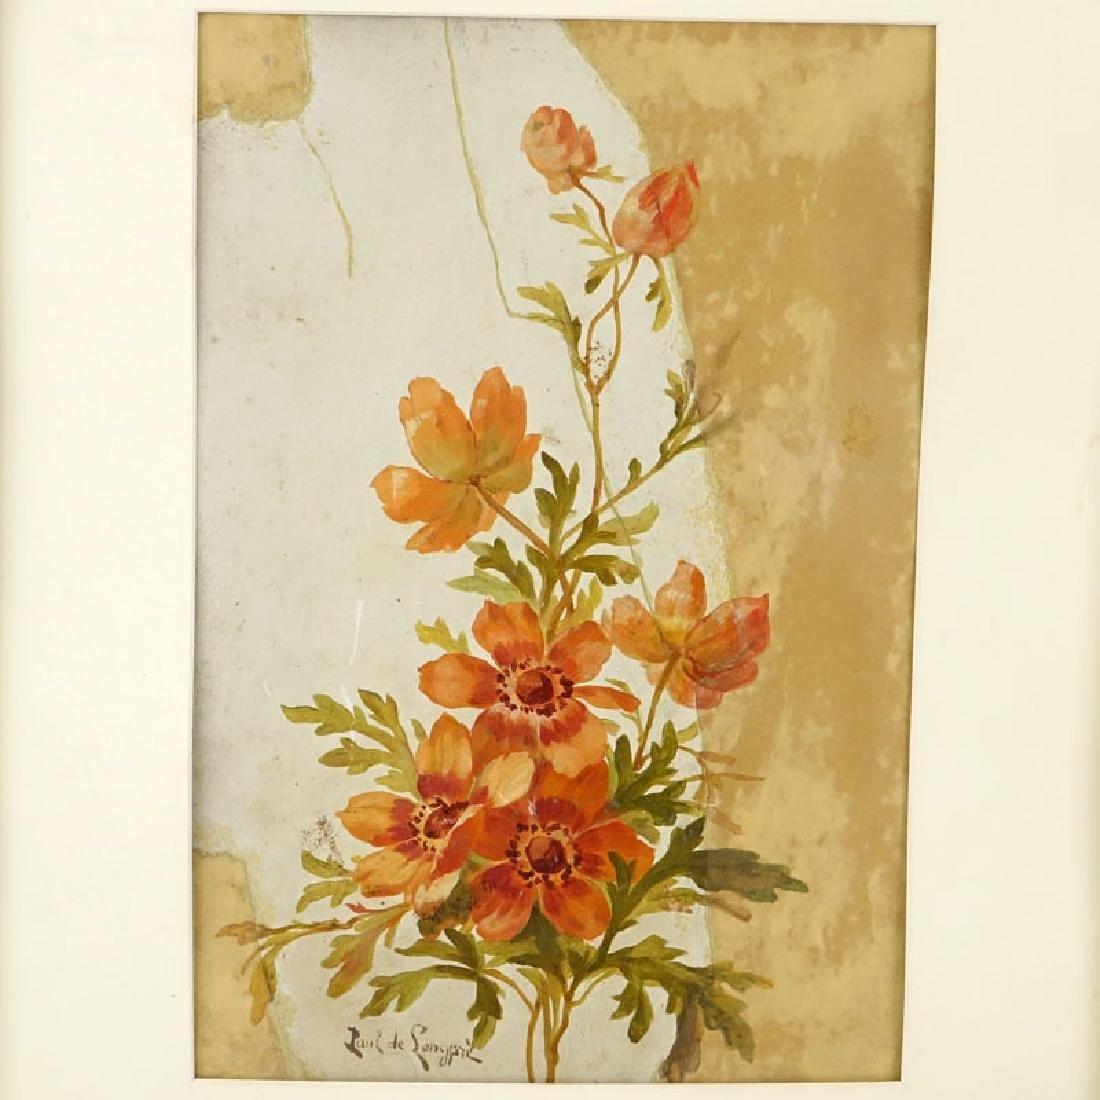 Paul De Longpre, American (1855 - 1911) Watercolor on